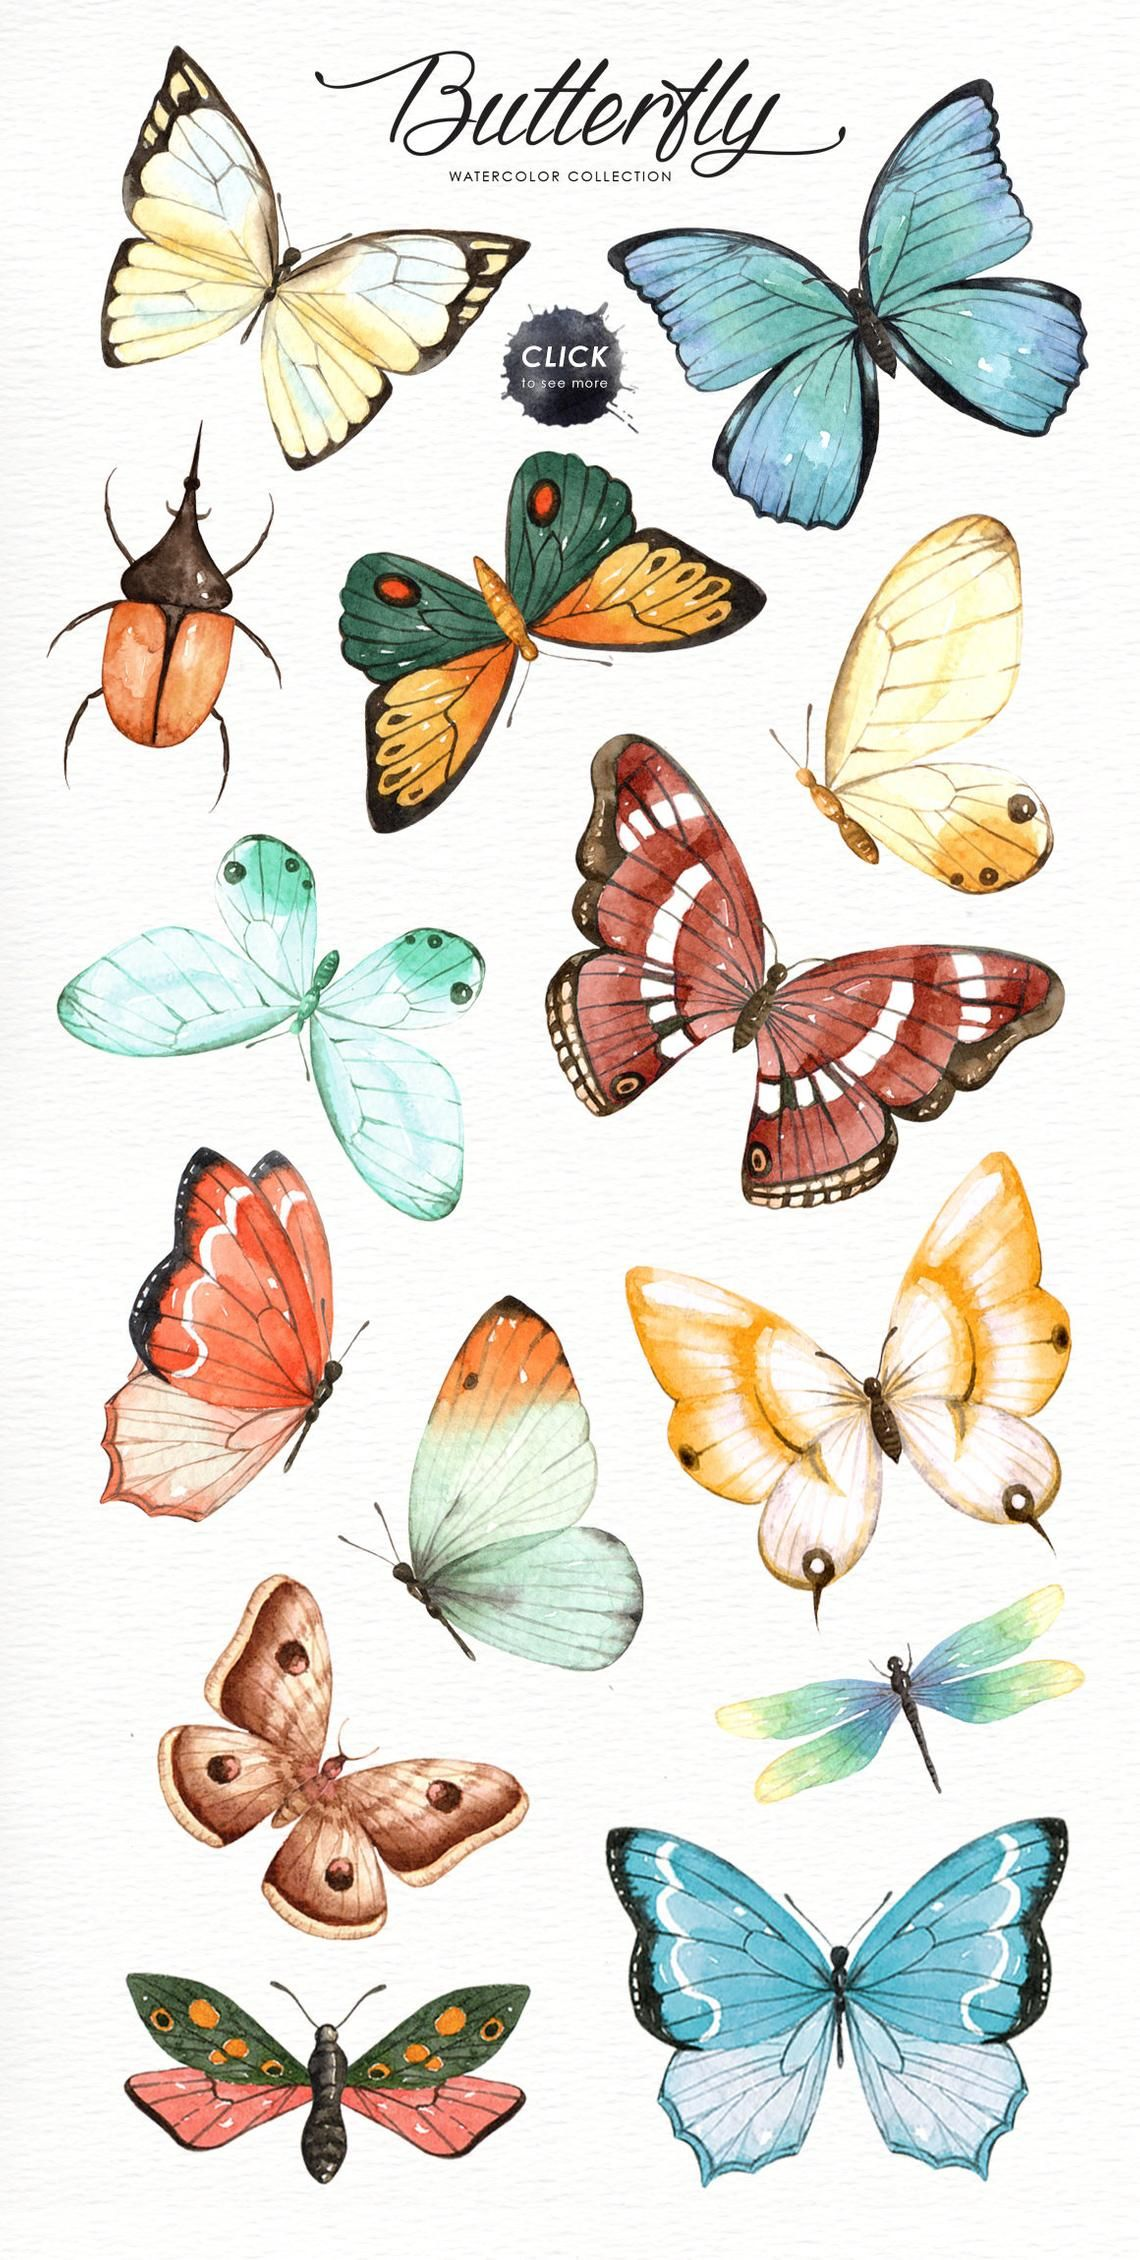 Butterfly Watercolor Collection,Butterflies Cliparts, Digital Butterfly, Watercolor Cliparts, Party #butterflies